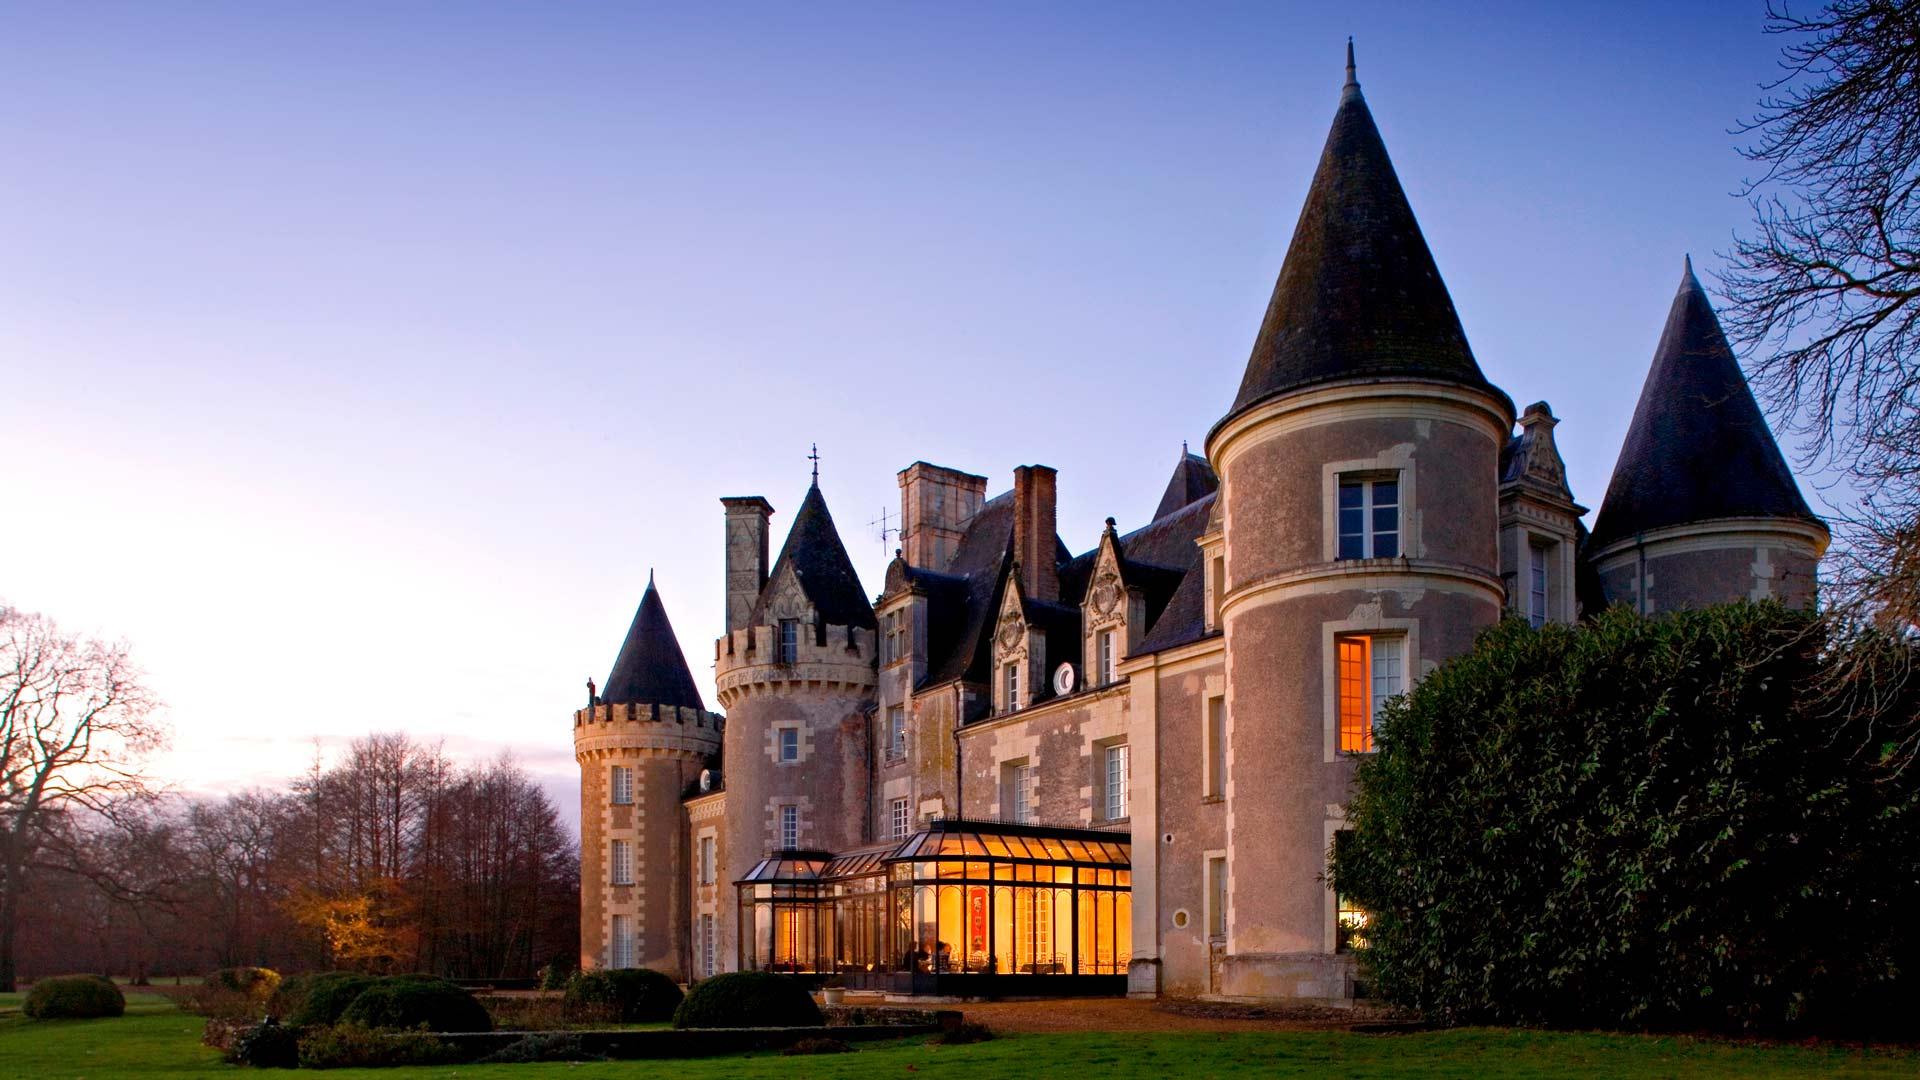 Château Hotel des 7 Tours - Courcelles-de-Touraine